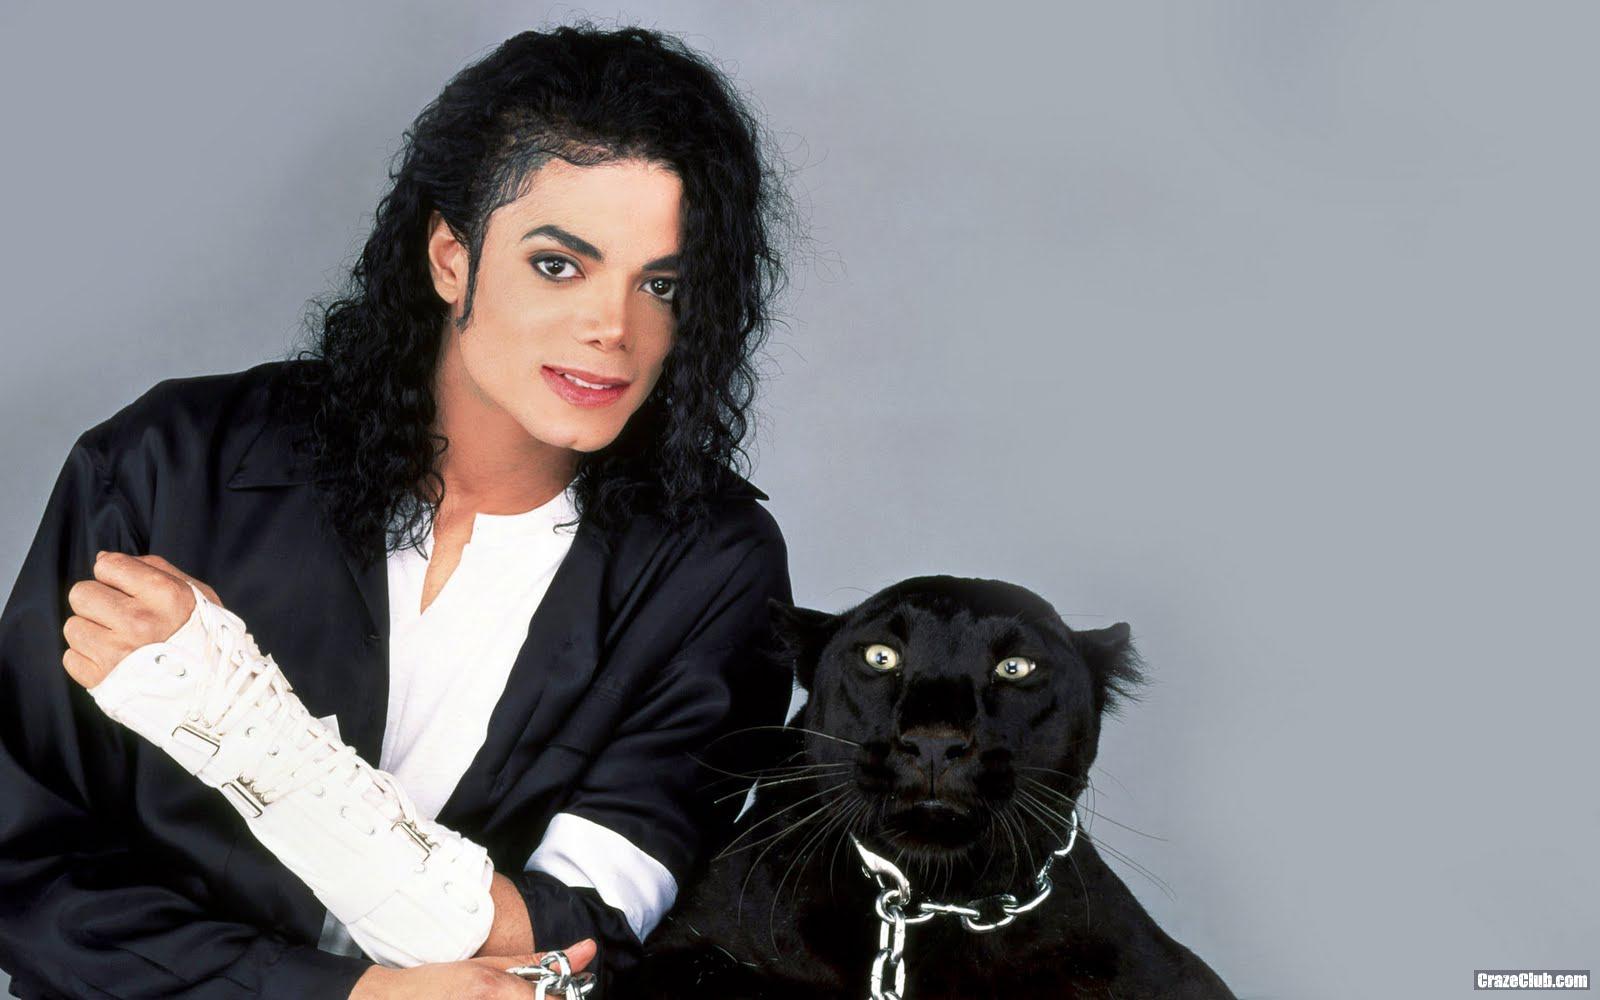 http://3.bp.blogspot.com/_c72kc4JbsgY/TOFF1m1PfjI/AAAAAAAAENE/4Il8zd64RWI/s1600/Michael+Jackson+Wallpaper+%252825%2529.jpg